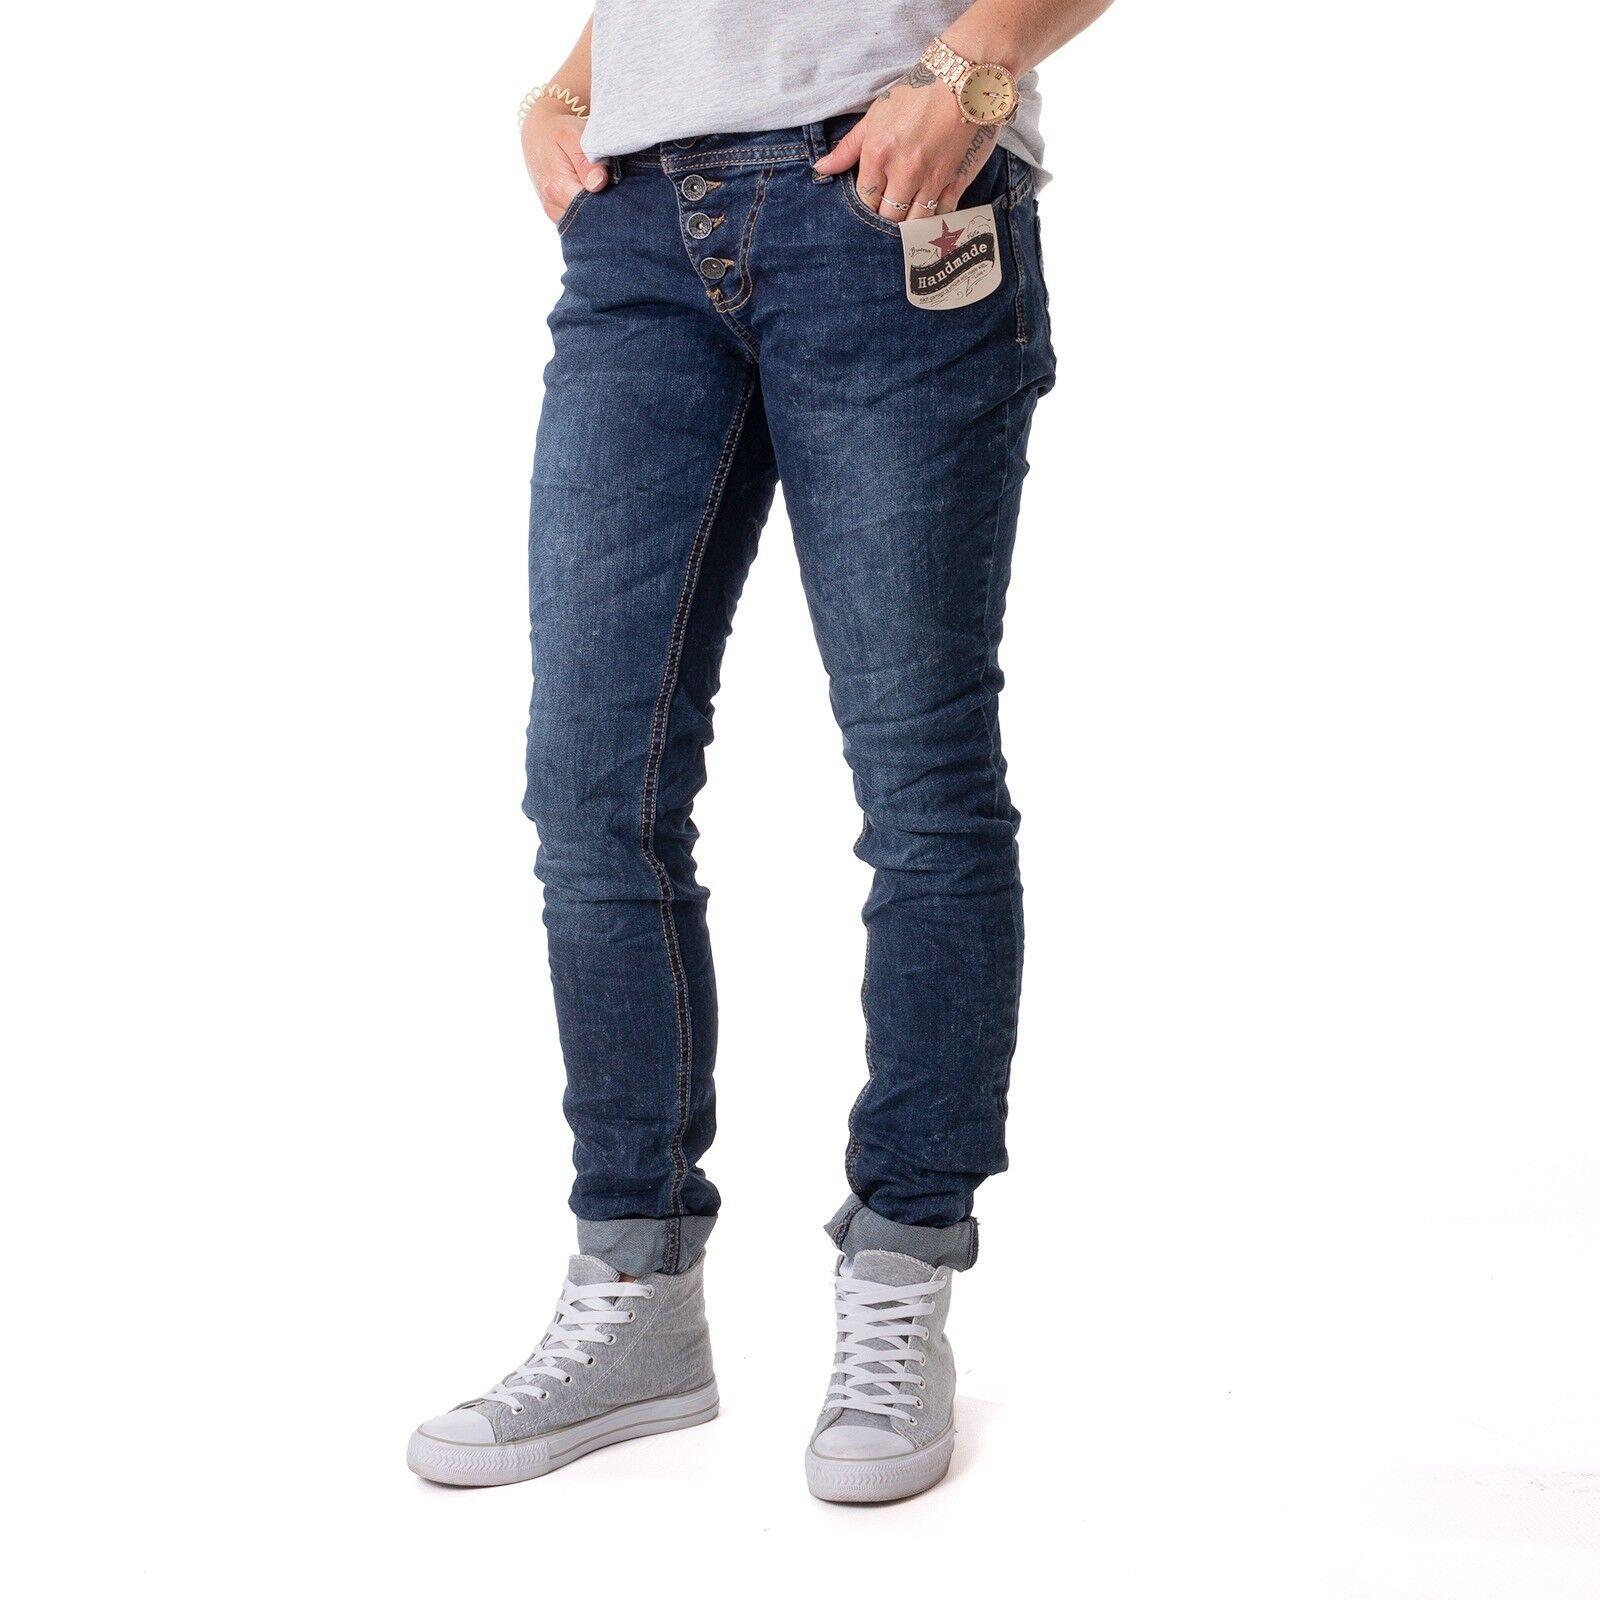 Buena Vista Malibu Stretch Denim Hose Damen Jeans dark Blau 15833